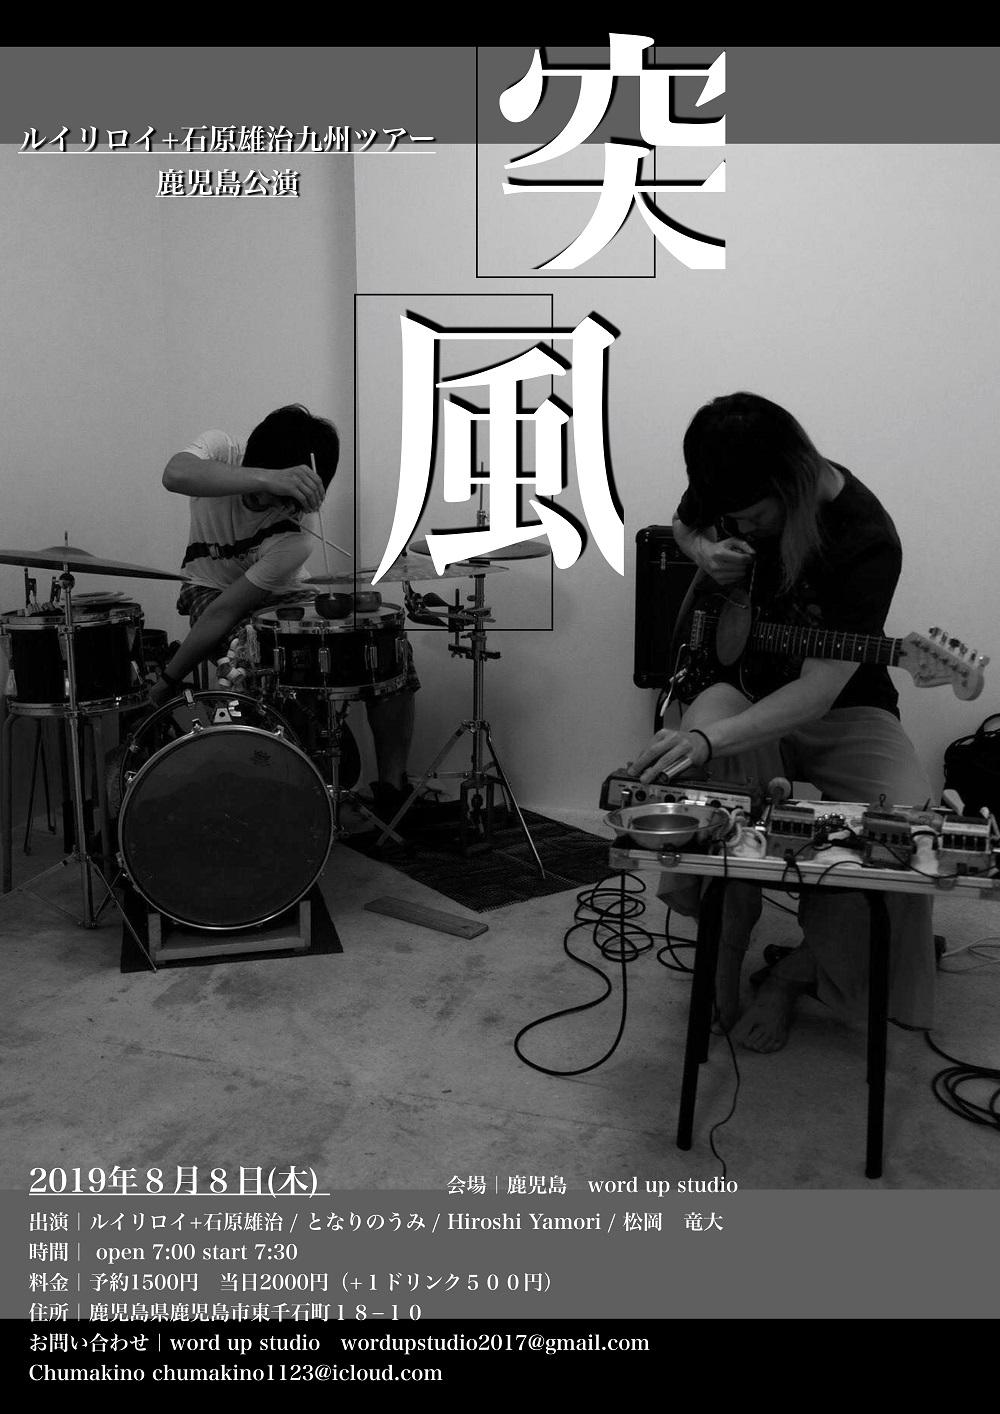 突風 ルイ・リロイ/石原雄治九州ツアー鹿児島公演